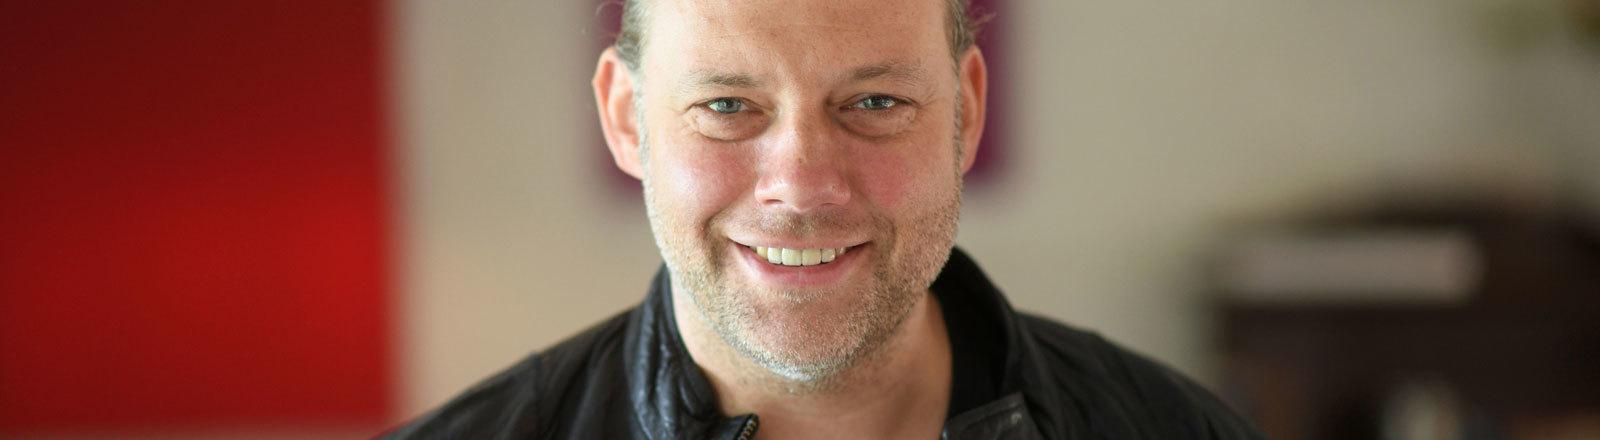 Rettungssanitäter Jörg Nießen